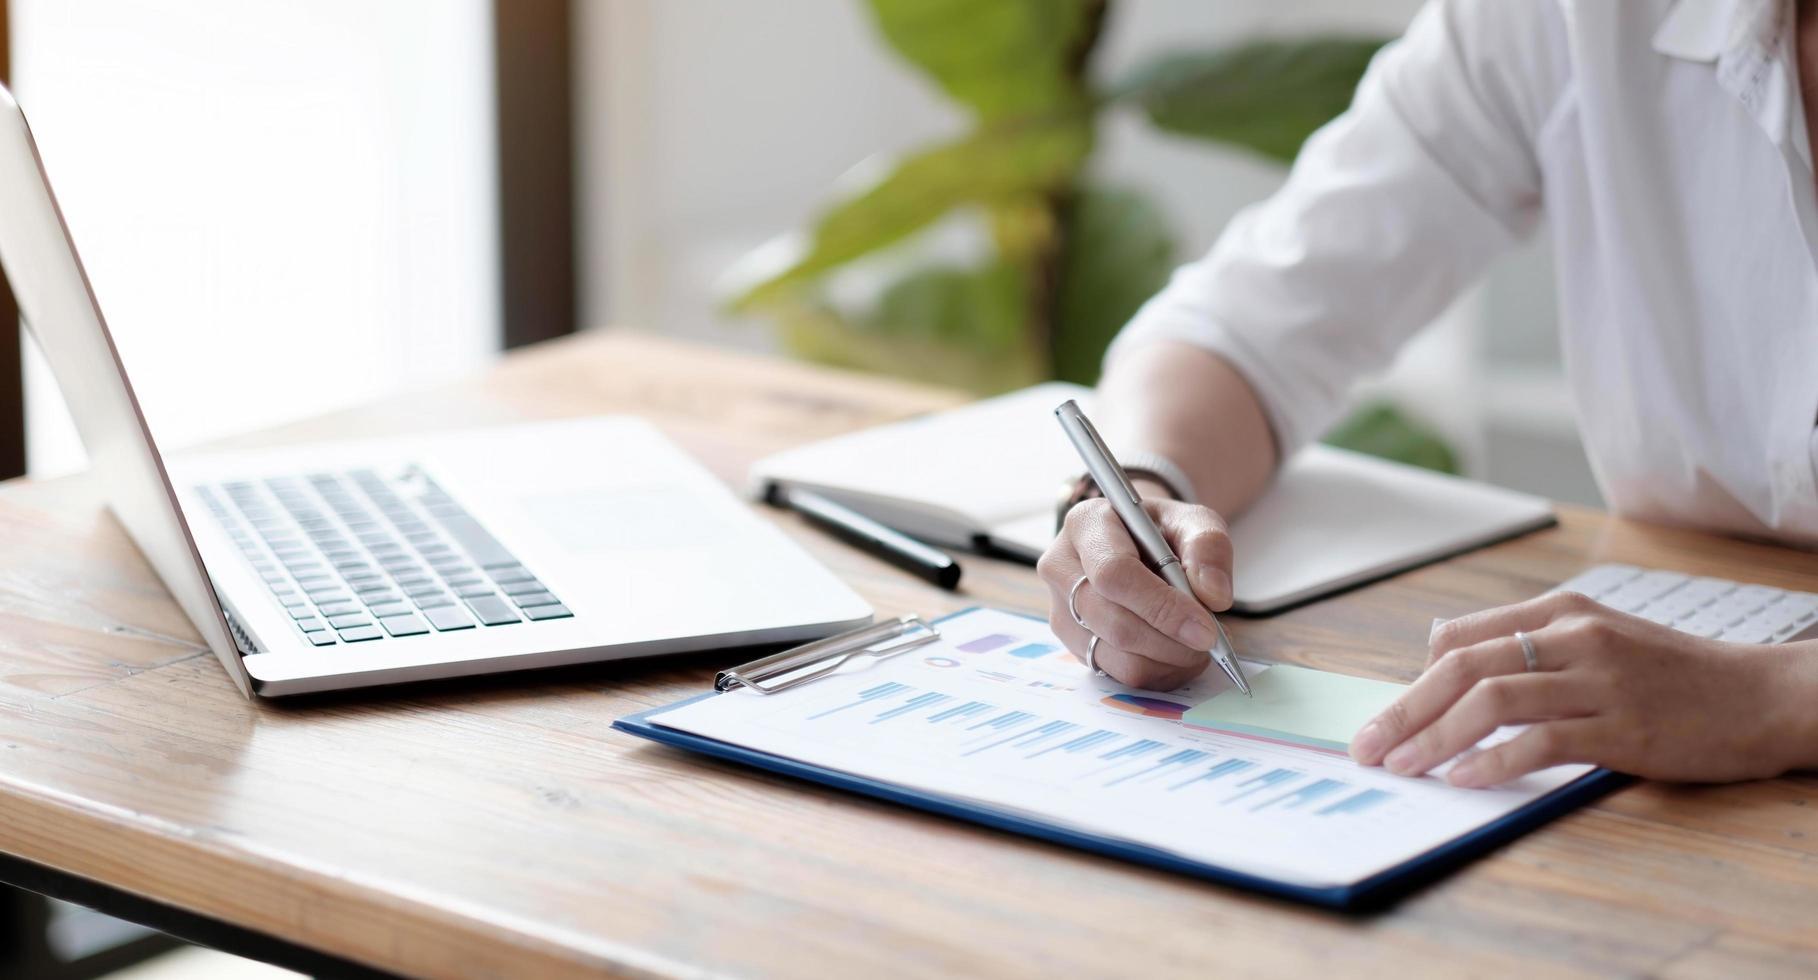 Nahaufnahme, ein Buchhalter oder Geschäftsinhaber schreibt auf Haftnotizen, macht sich Notizen zu Postnotizen, arbeitet an Finanzberichten und berechnet Geschäftsbudgets foto